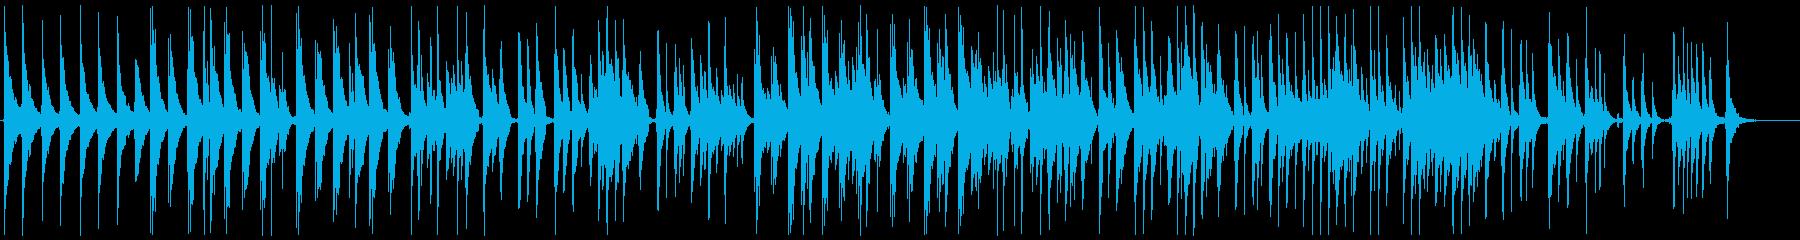 ウクレレのような音で哀愁を感じさせる曲の再生済みの波形